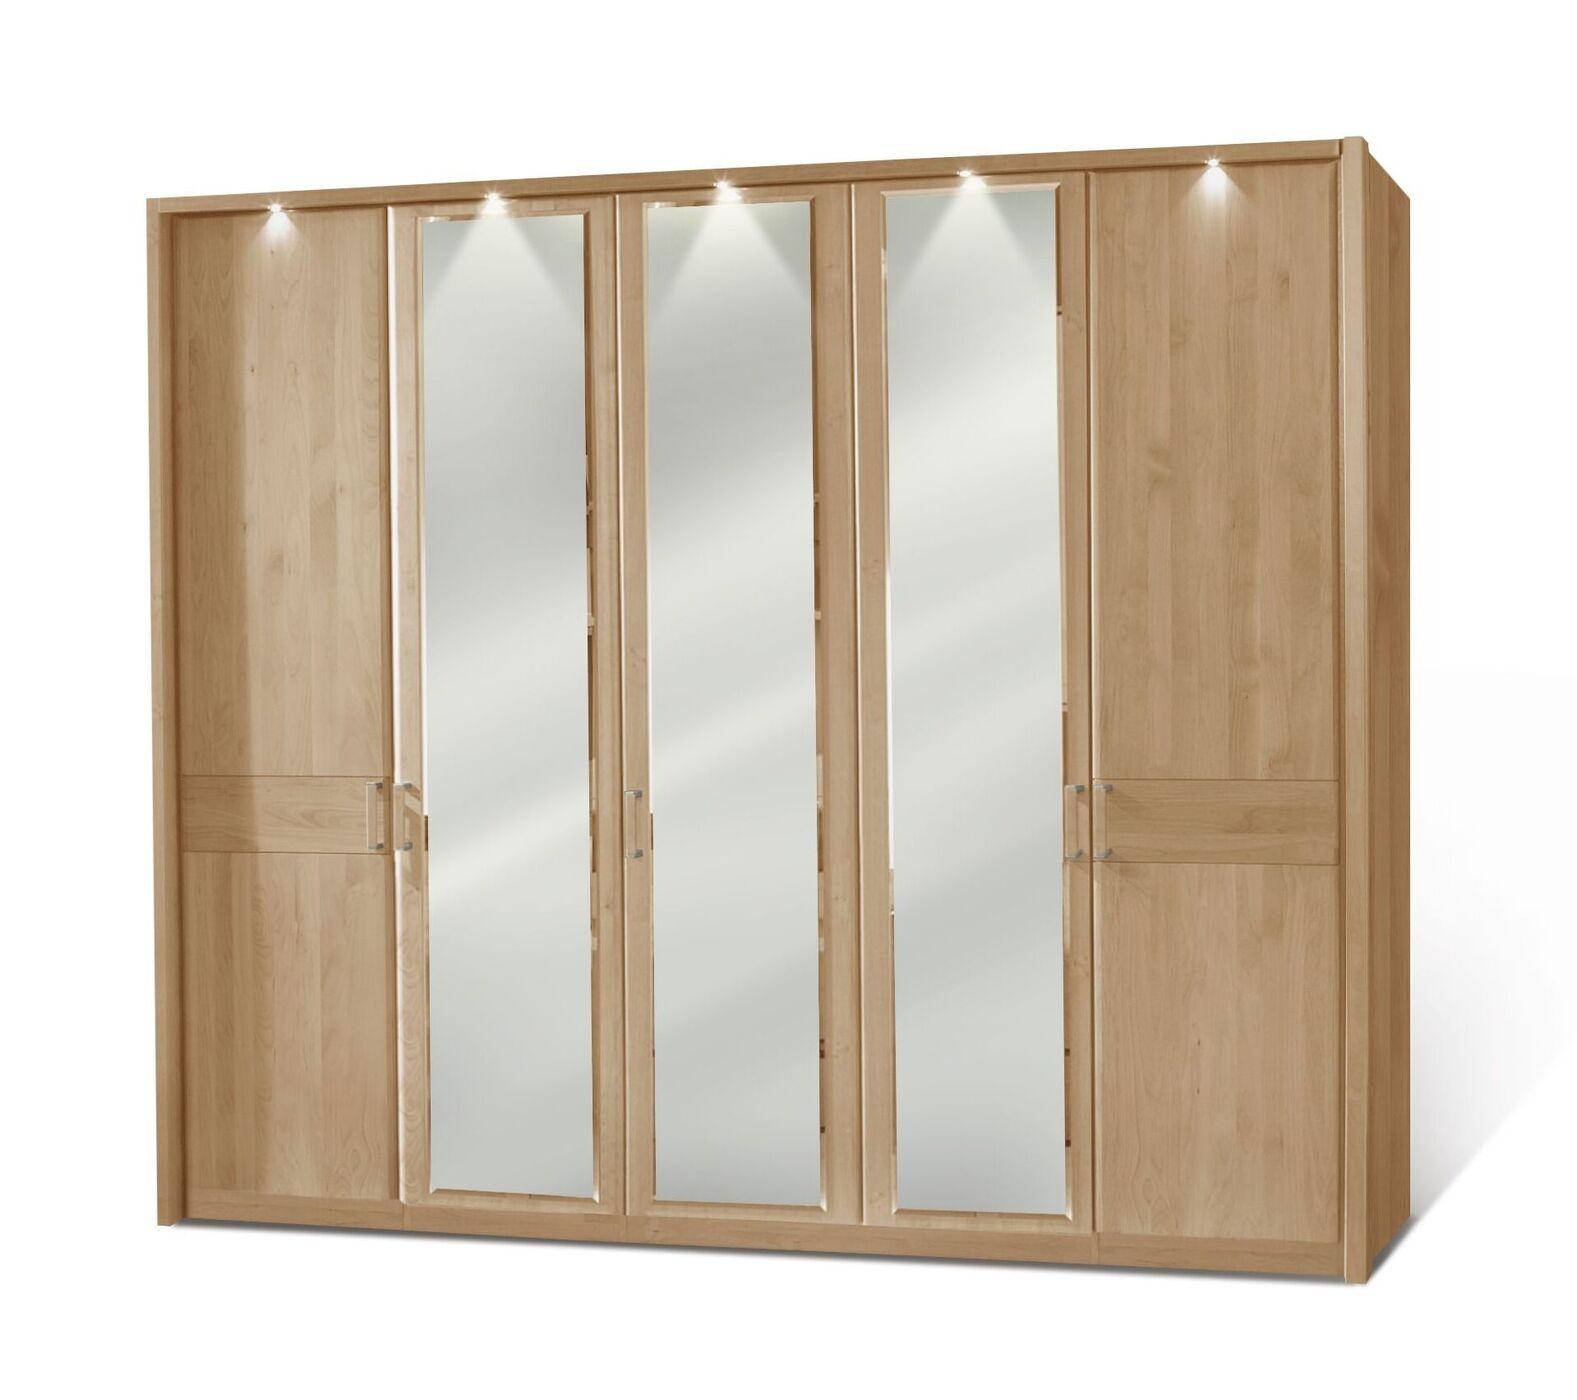 Schlafzimmerschrank mit Massivholz- und Spiegeltüren - Temara